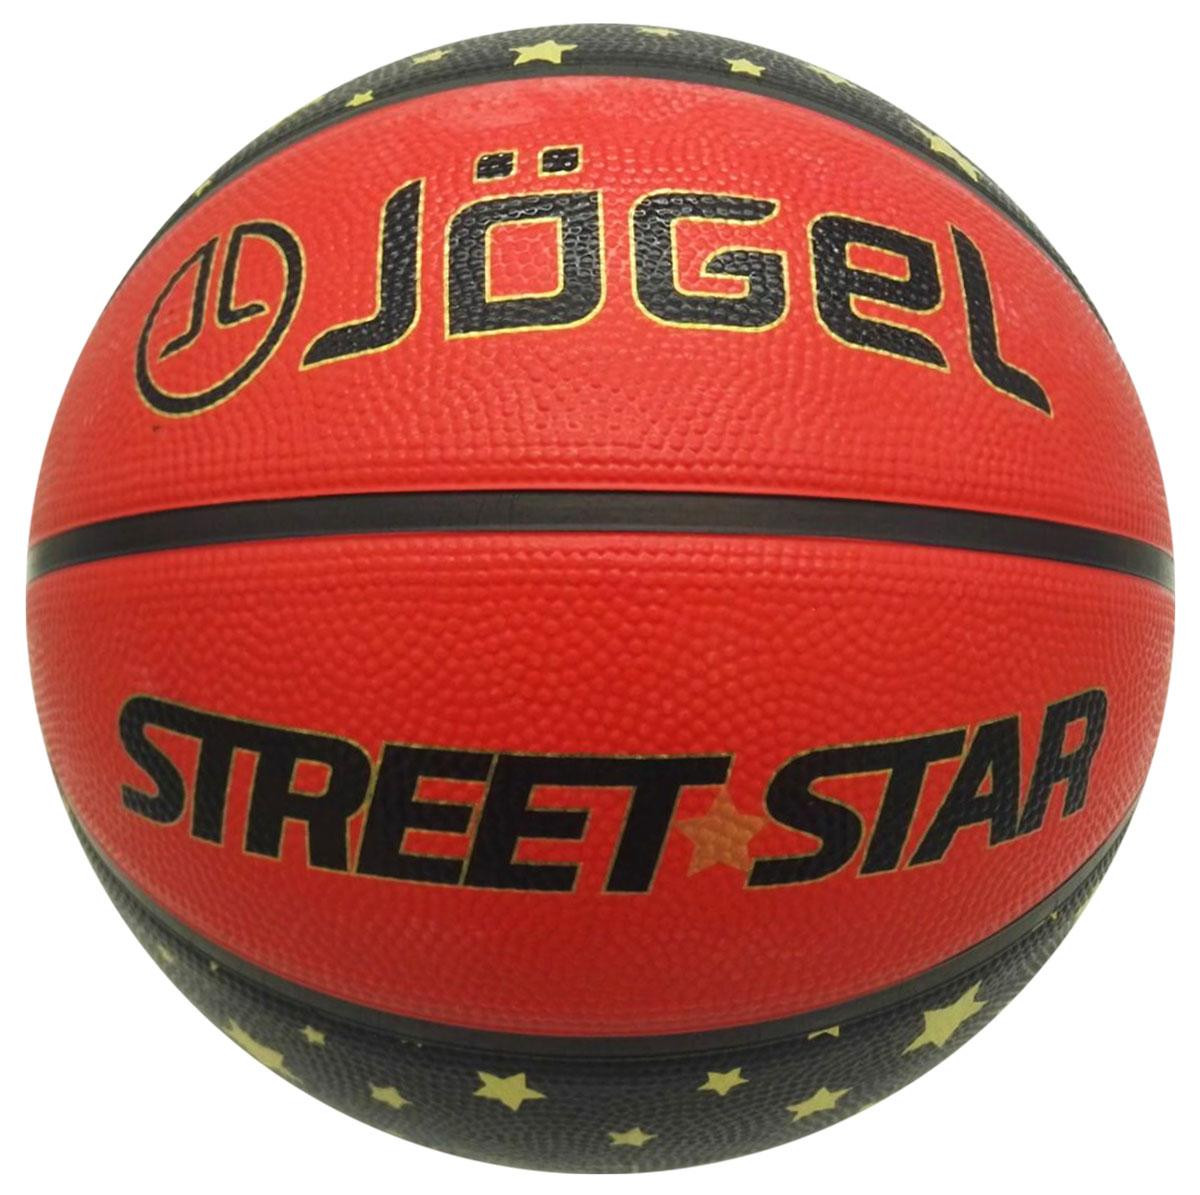 Мяч баскетбольный Jogel Street Star, цвет: оранжевый . Размер 7УТ-00009273Jogel Street Star - это резиновый баскетбольный мяч, с уникальным ламинированным цветным дизайном для уличного баскетбола (стритбол). Поверхность мяча выполнена из износостойкой резины, благодаря чему данным мячом можно играть практически на любой поверхности, как на улице, так и в зале. Благодаря технологии DeepChannel (глубокие каналы), используемой при производстве мячей Jogel, достигается лучший контроля мяча во время броска и дриблинга. Размер №7 предназначается для мужчин и юношей от 17 лет, официальный размер для соревнований мужских команд. Данный мяч рекомендован для любительской игры, тренировок любительских команд и команд среднего уровня.Официальный размер и вес FIBA.Вес: 567-650 гр.Длина окружности: 75-78 см.Рекомендованное давление: 0.5-0.6 бар.УВАЖАЕМЫЕ КЛИЕНТЫ!Обращаем ваше внимание на тот факт, что мяч поставляется в сдутом виде. Насос в комплект не входит.